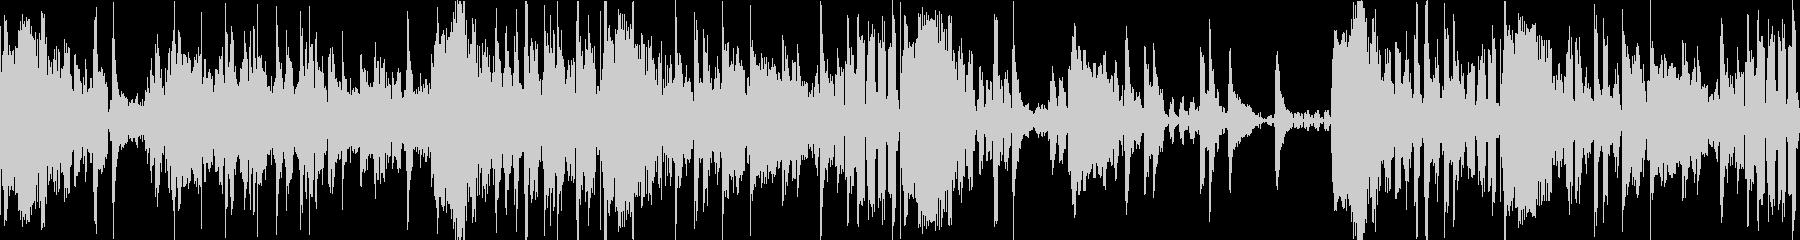 ディレイ空間音入りHIPHOPドラムの未再生の波形